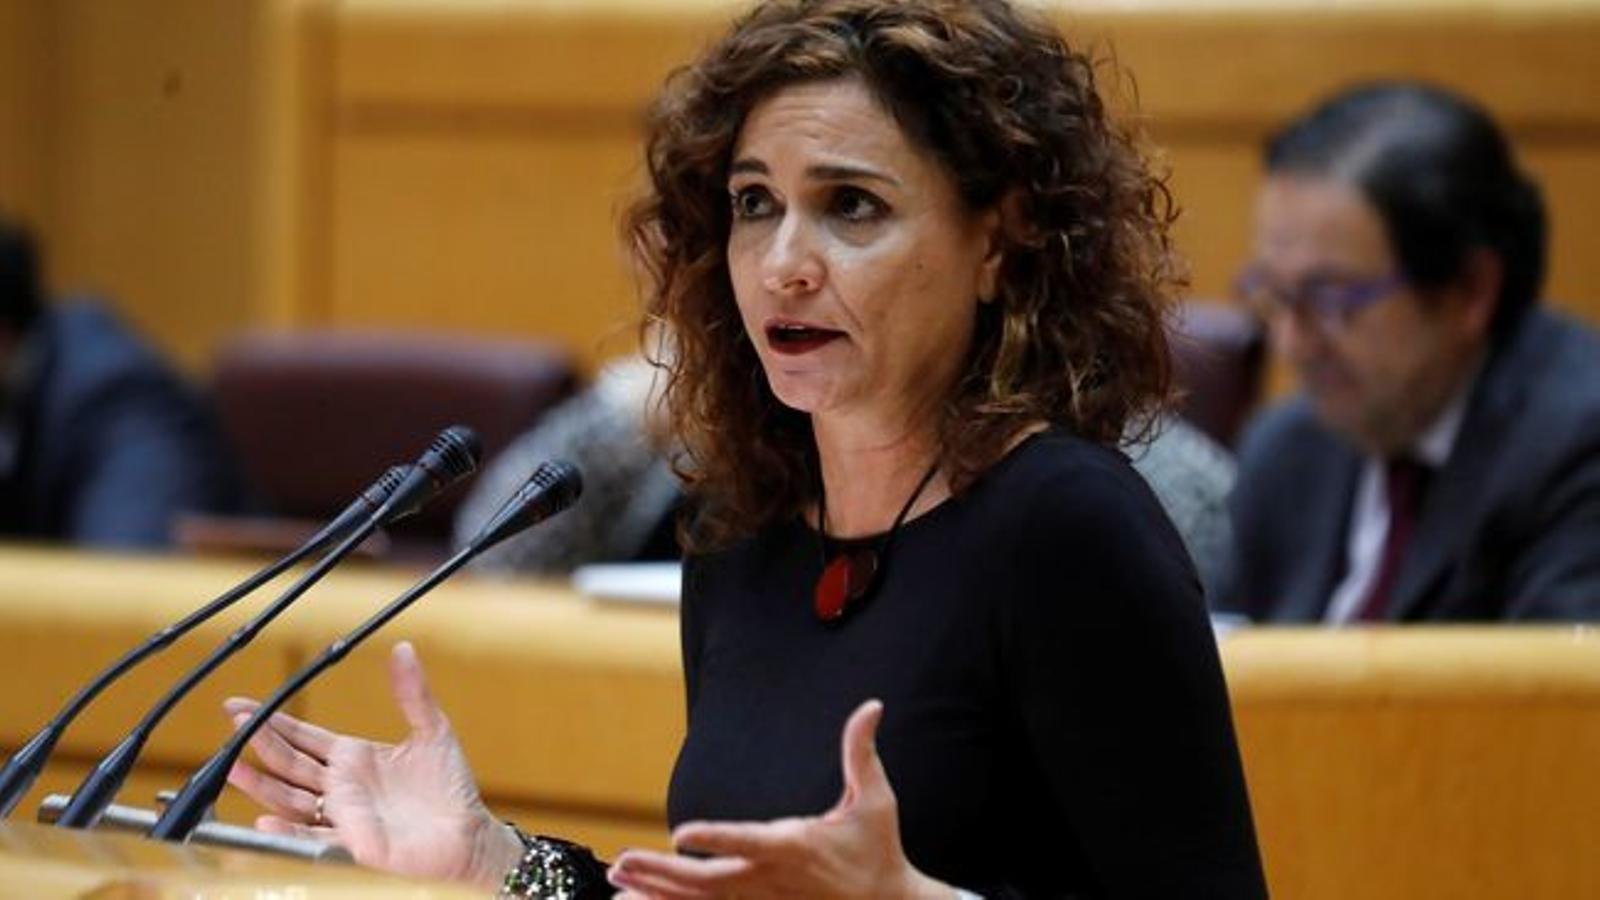 El govern espanyol portarà dilluns els pressupostos al Congrés